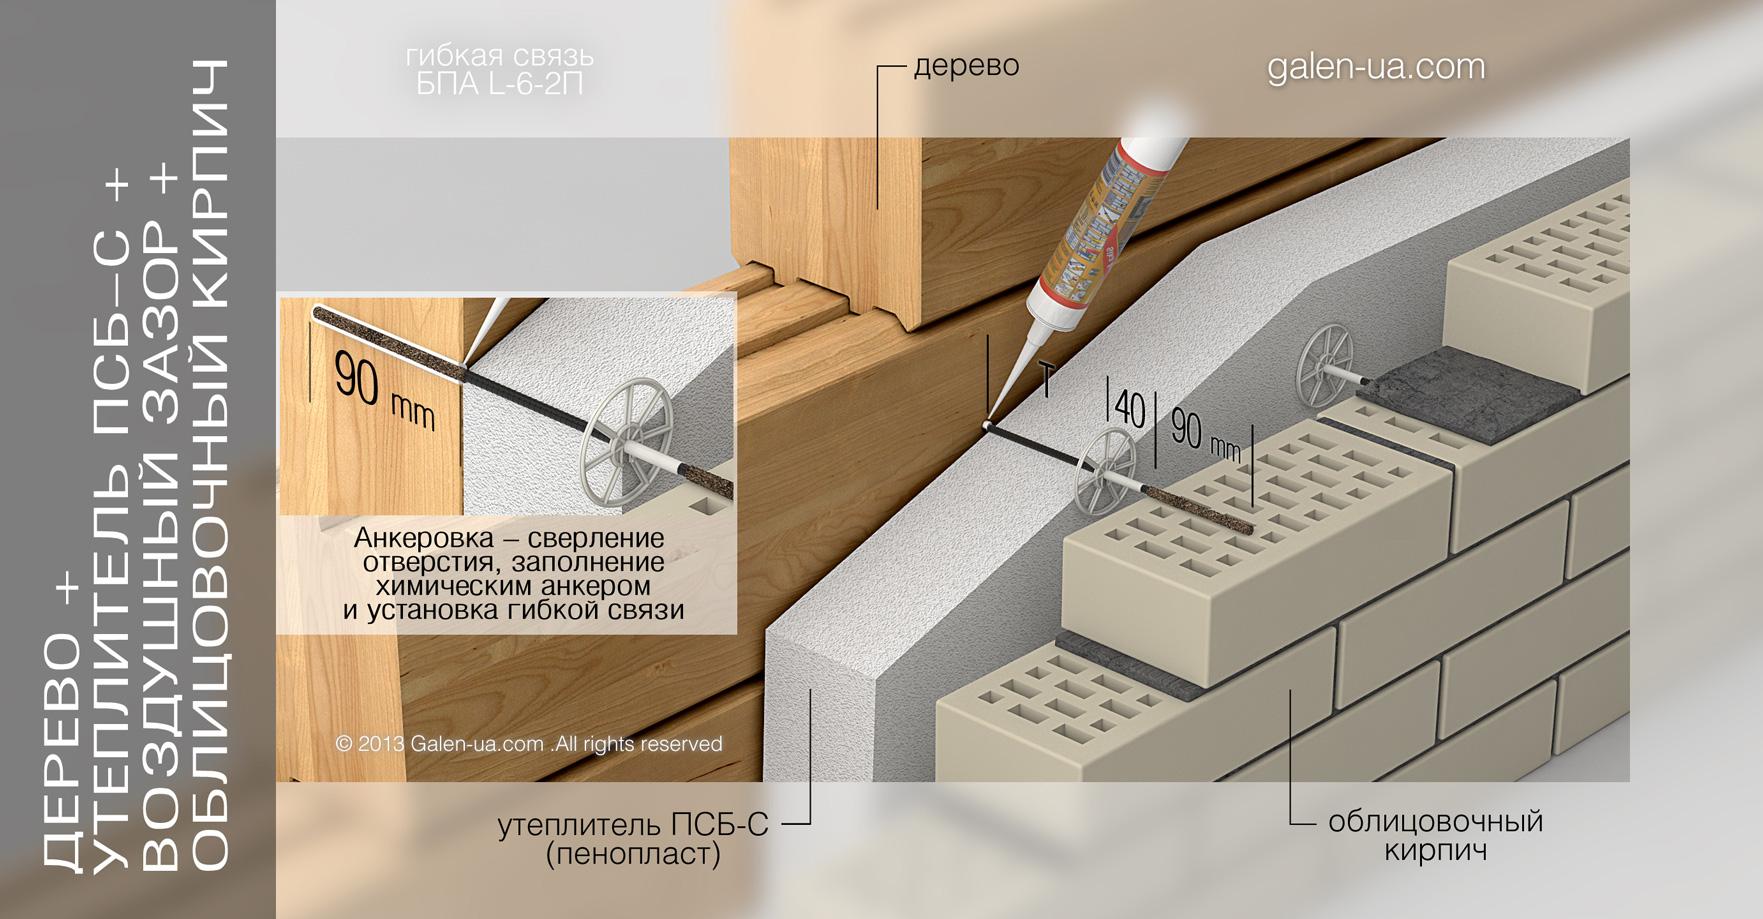 Гибкая связь БПА L-6-2П: Дерево + Утеплитель ПСБ-С + Воздушный зазор + Облицовочный кирпич